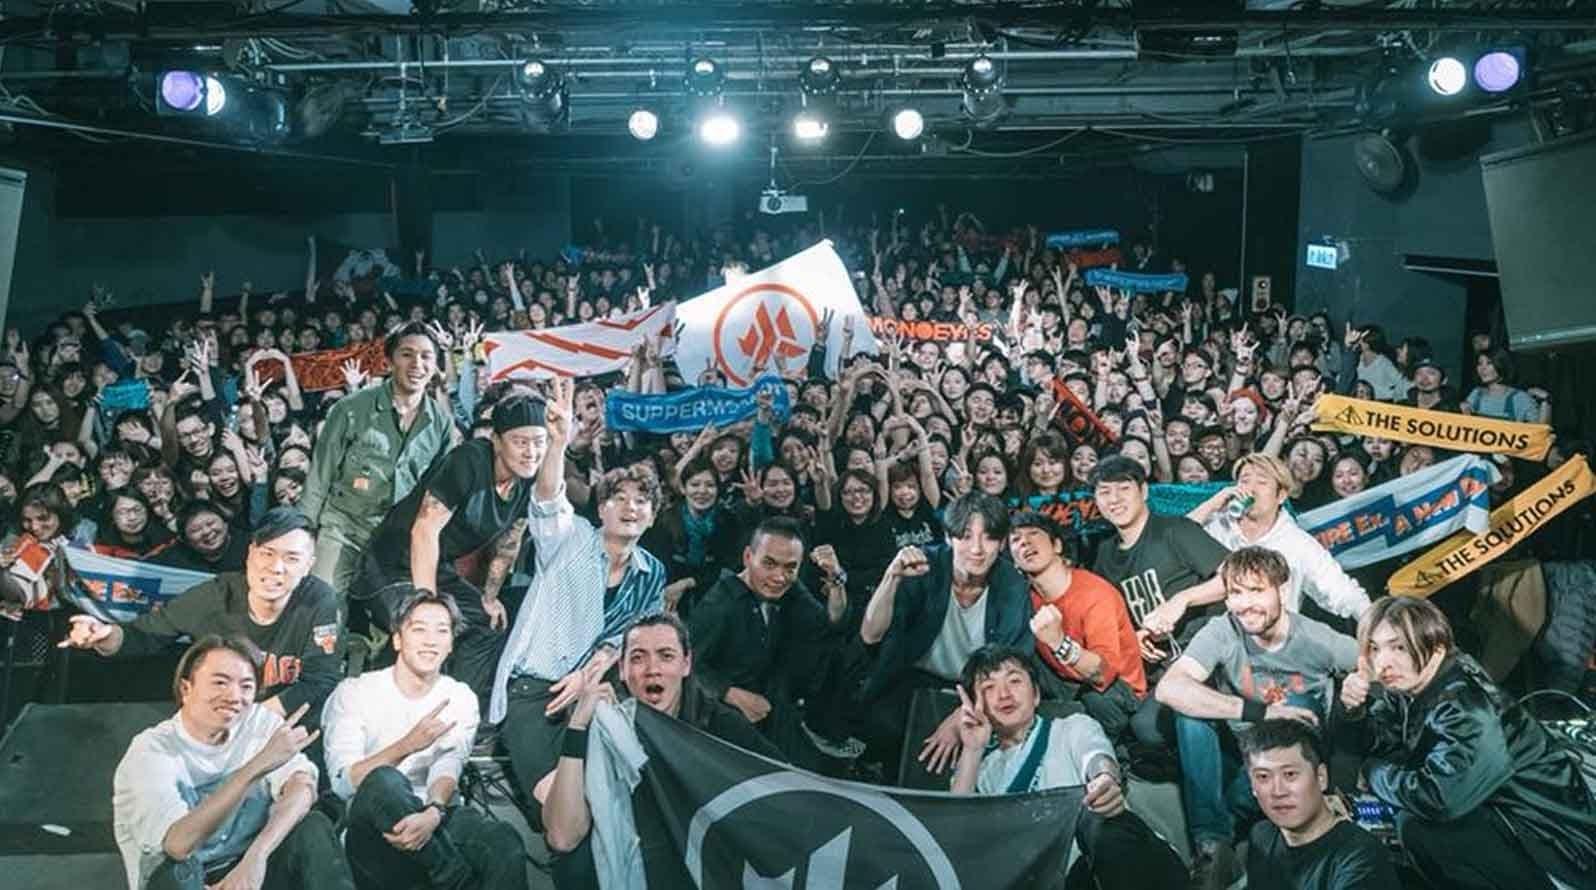 【迷迷現場】「我們唯一的期待就是給喜歡音樂的你們辦好玩的表演、好玩的活動。」 跨越國際Far East Union第三屆特別報導